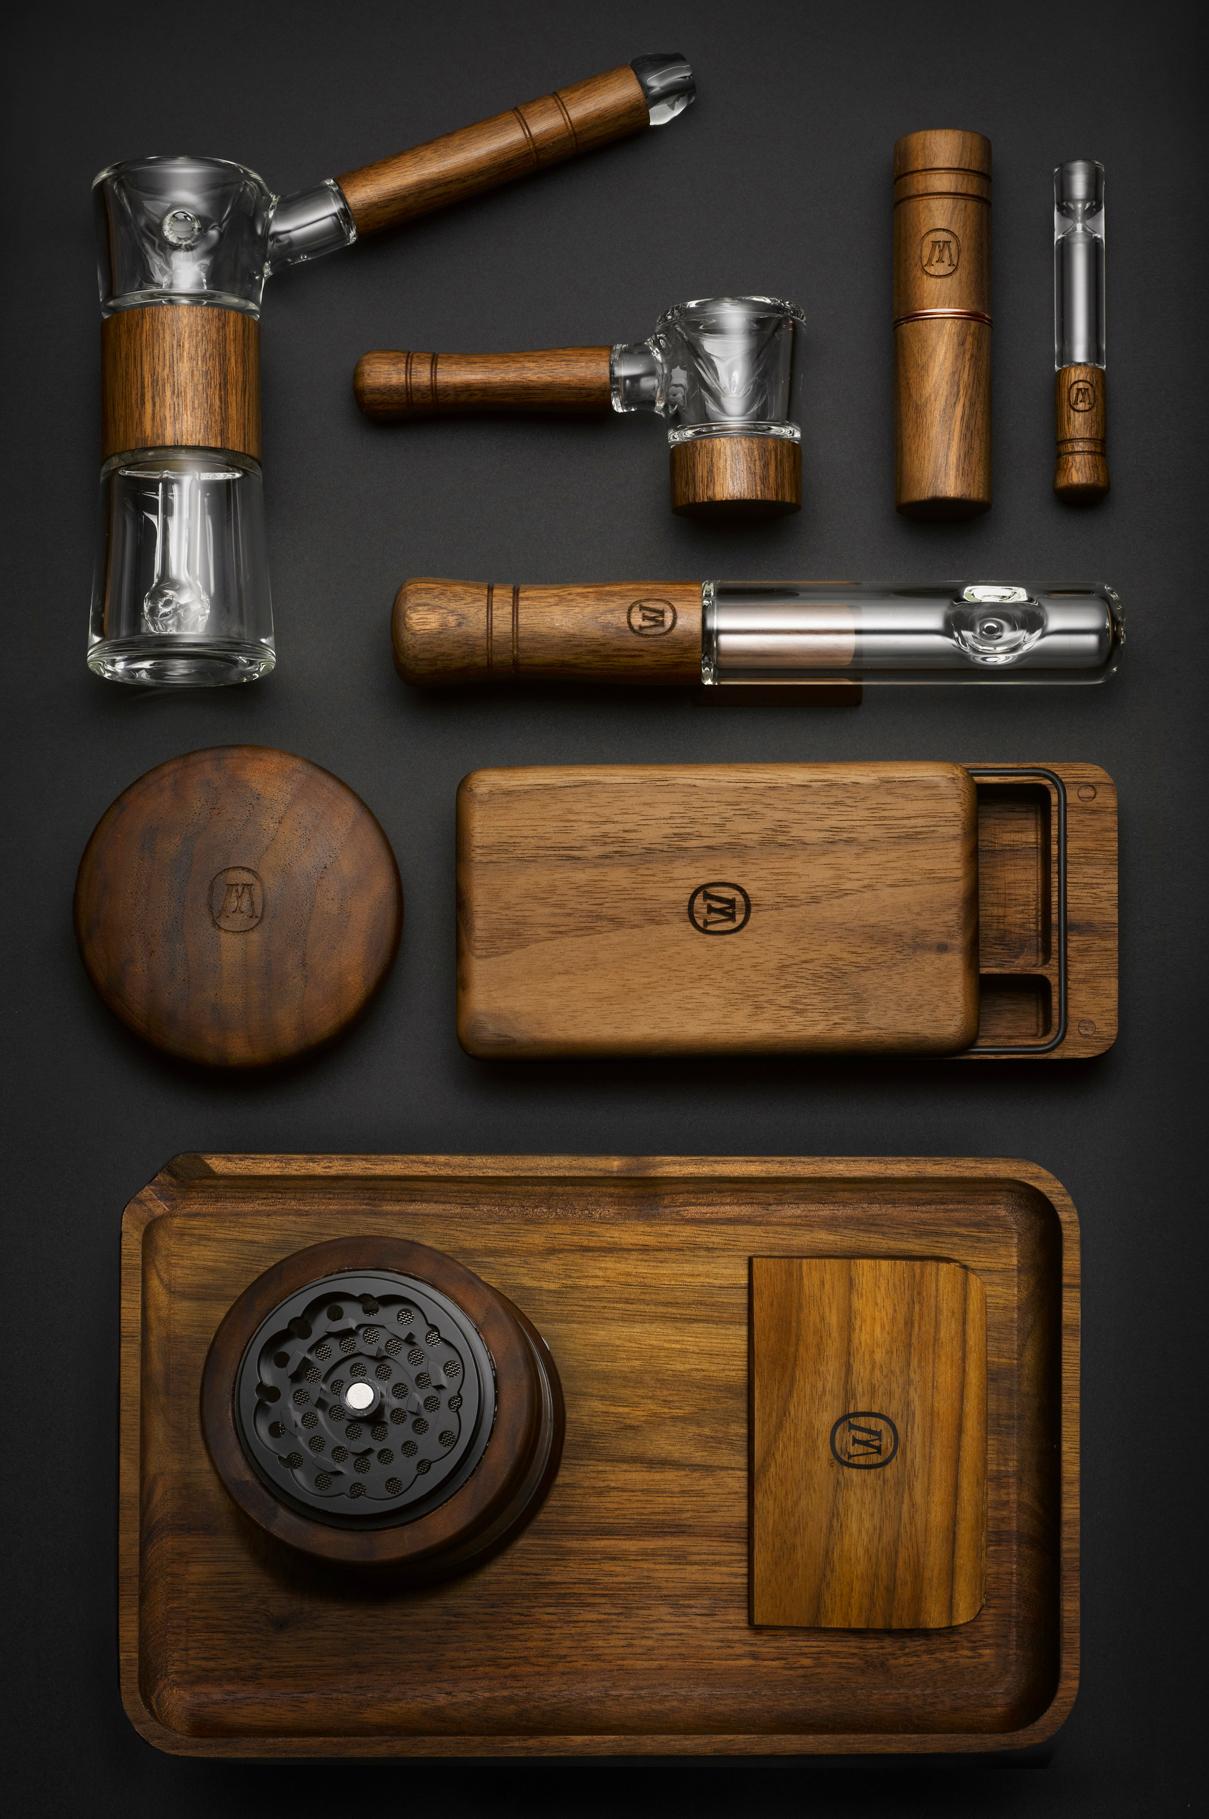 Algunos de los accesorios comercializados por la marca